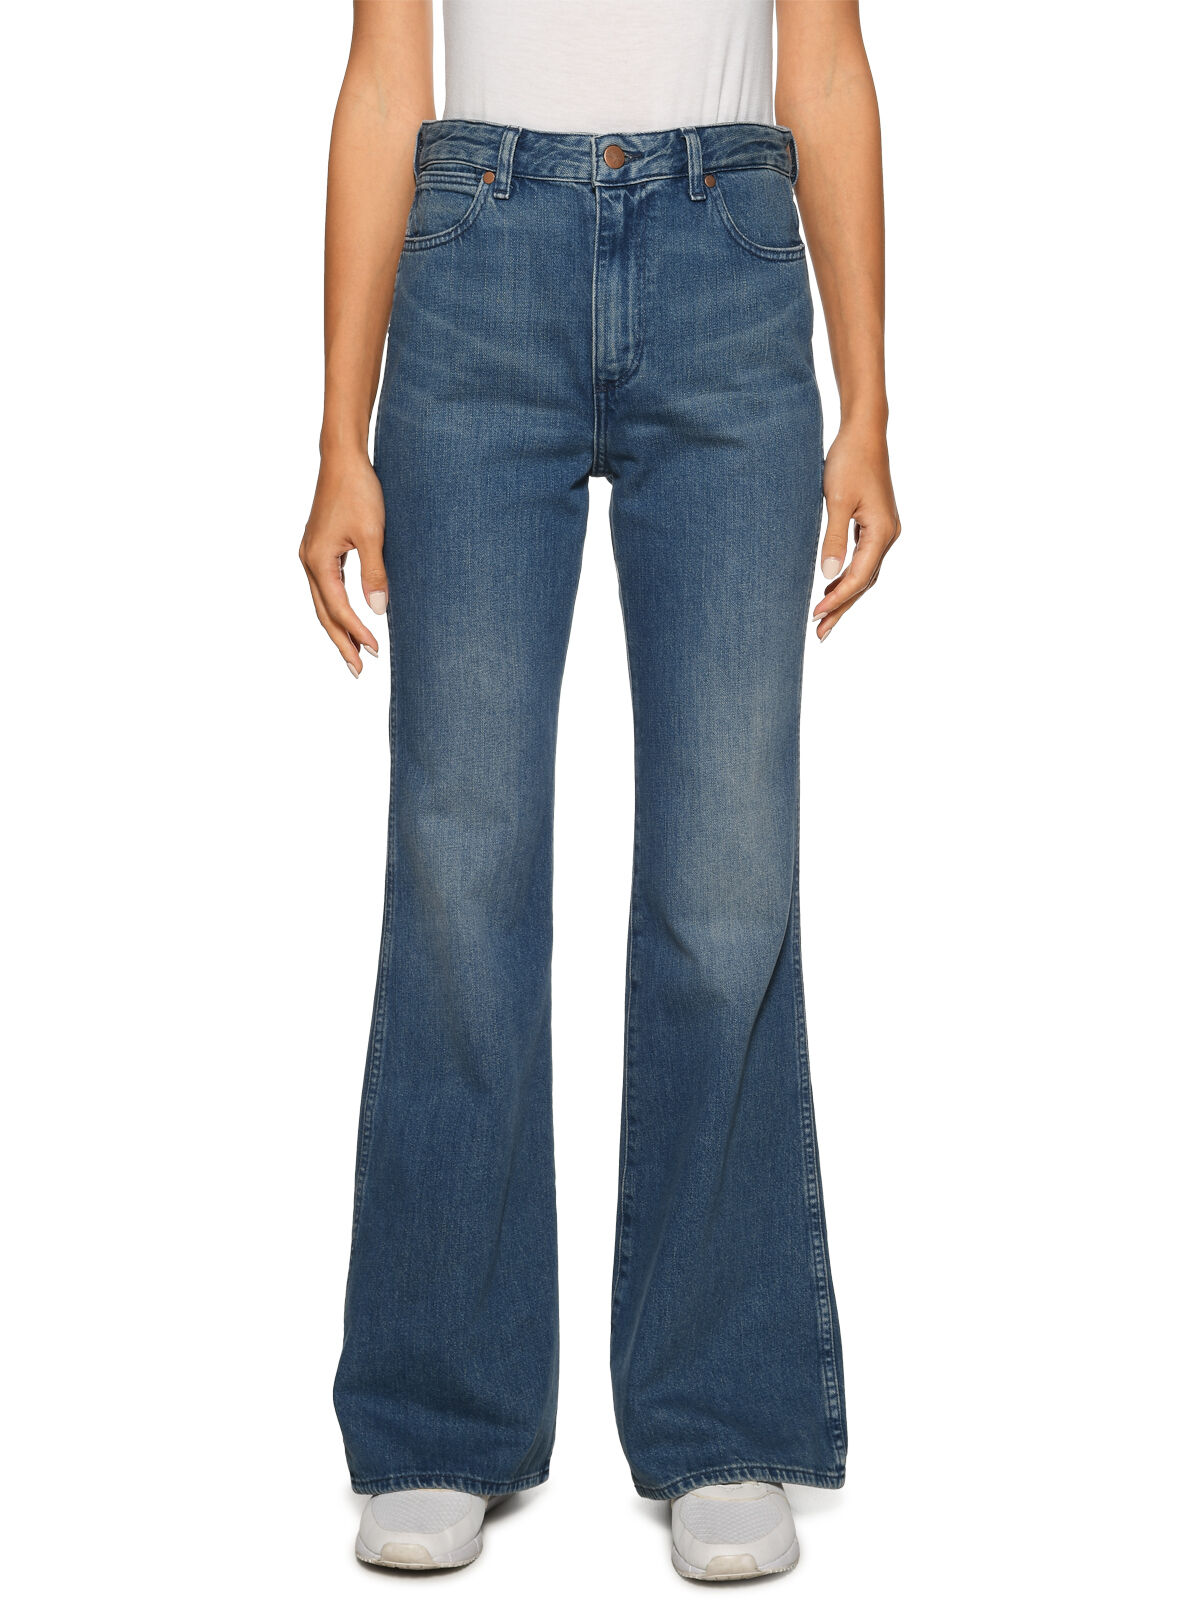 Pine Field jeans